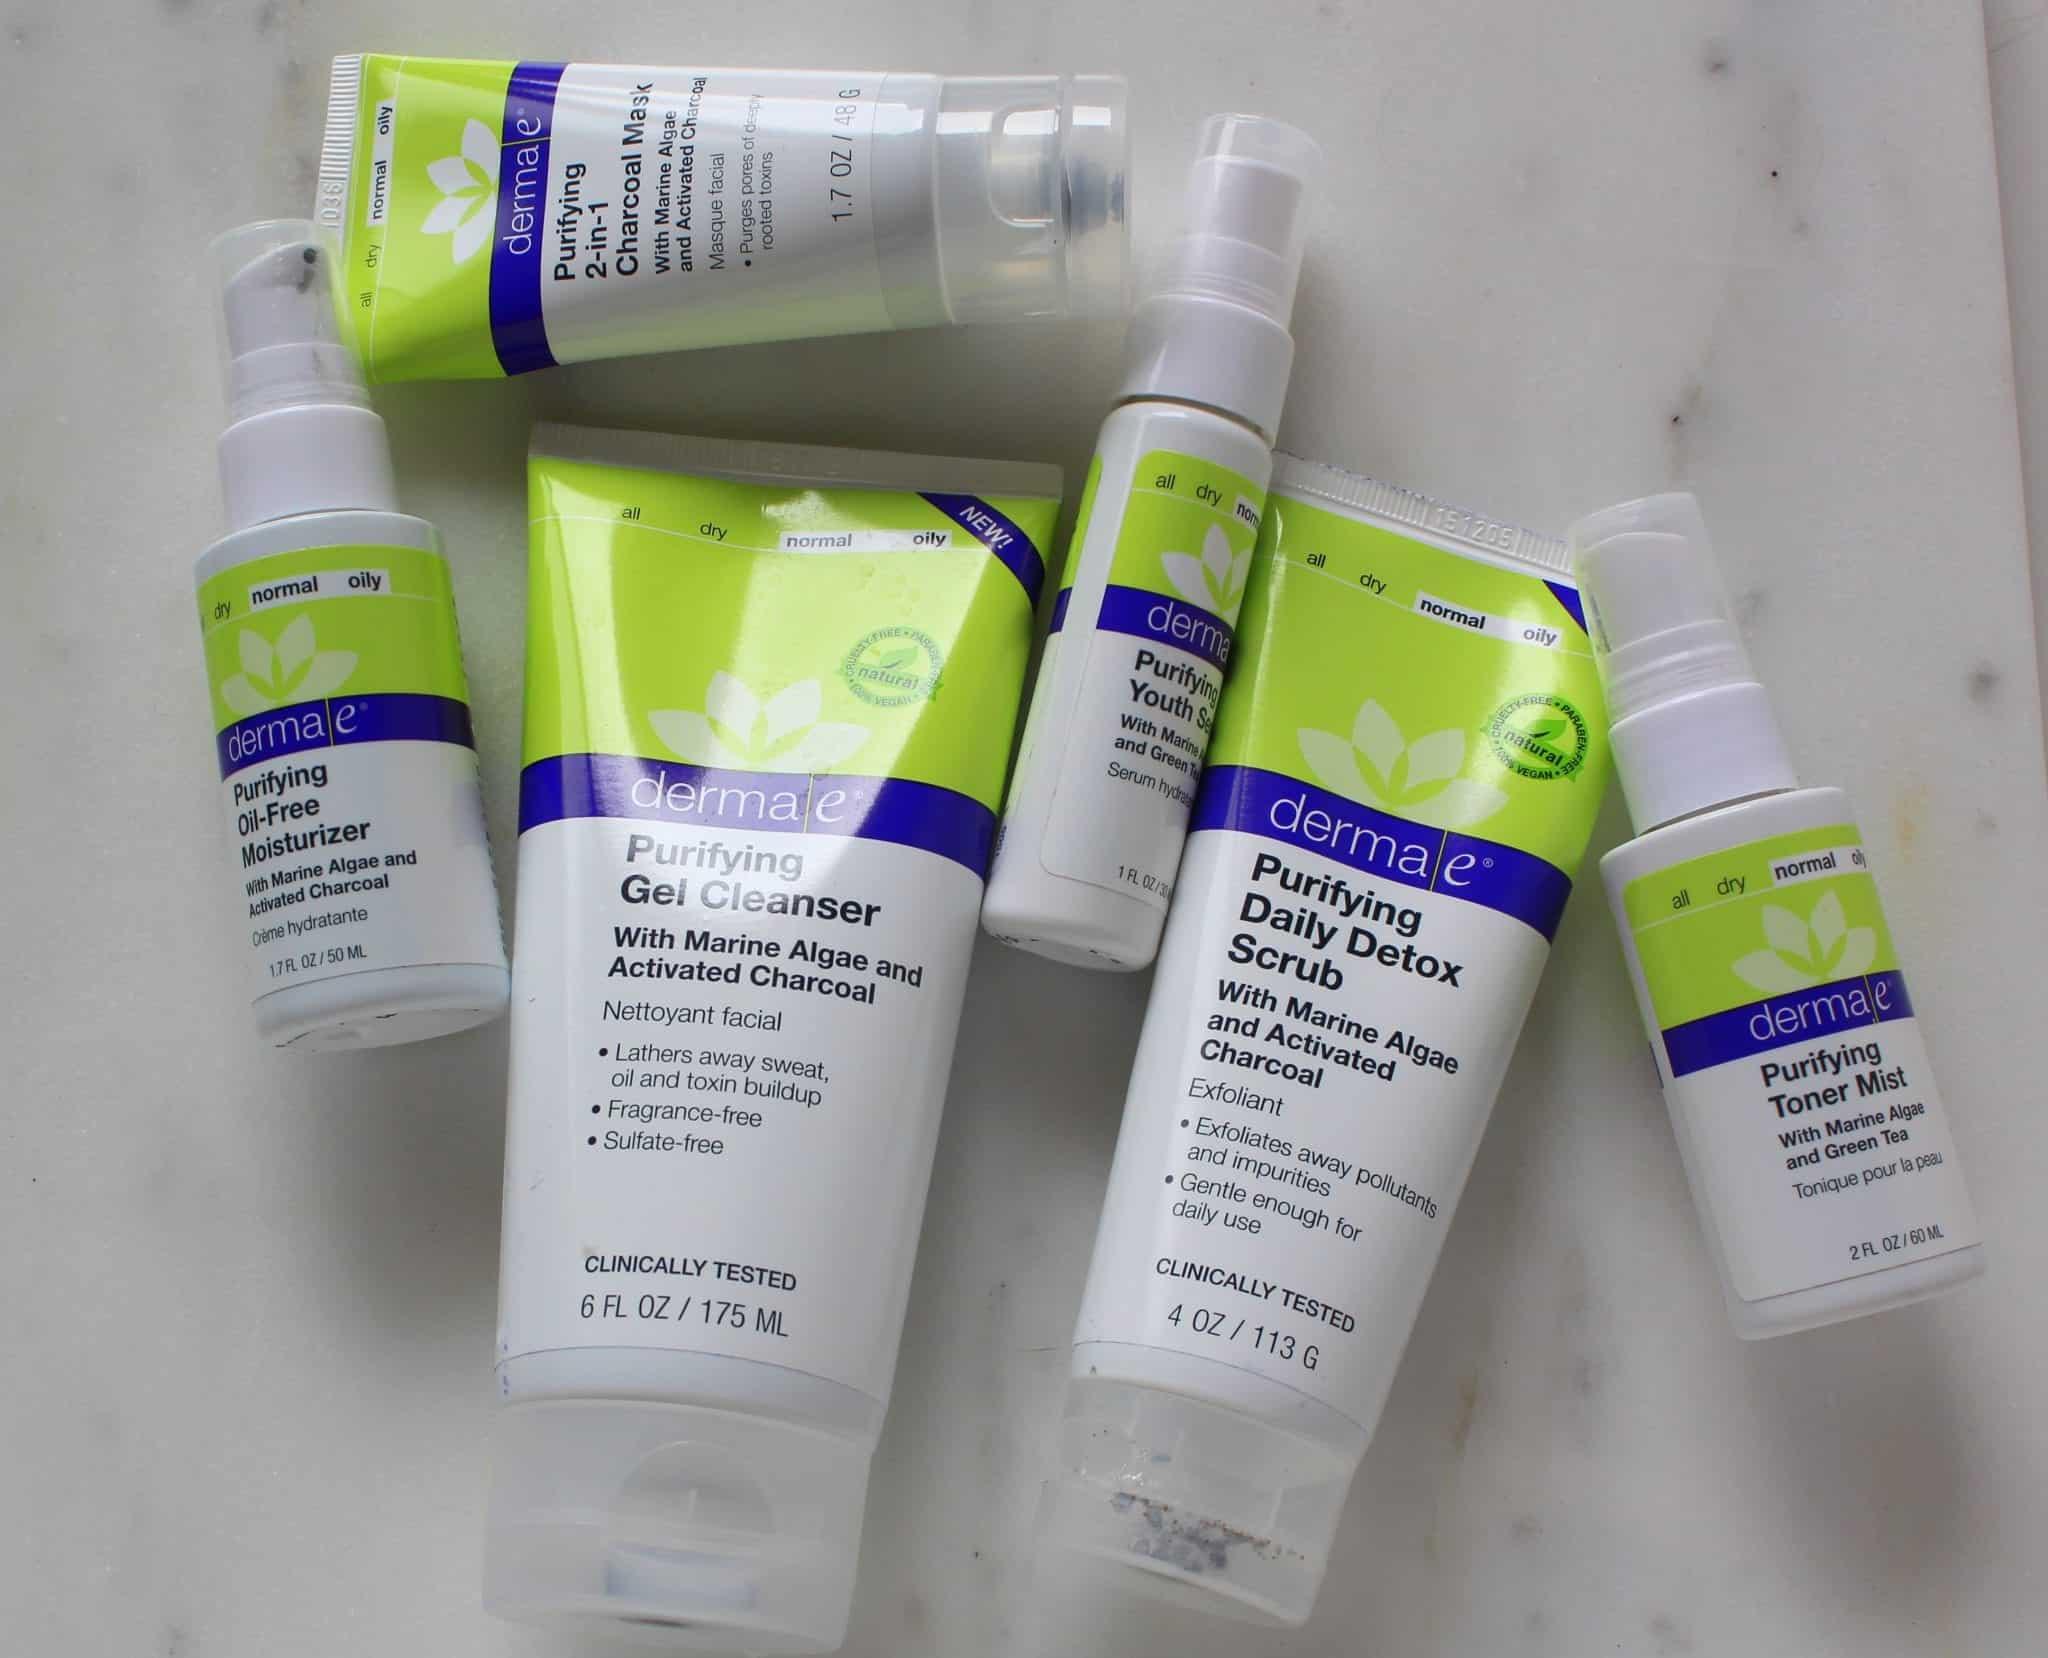 Derma e Skincare